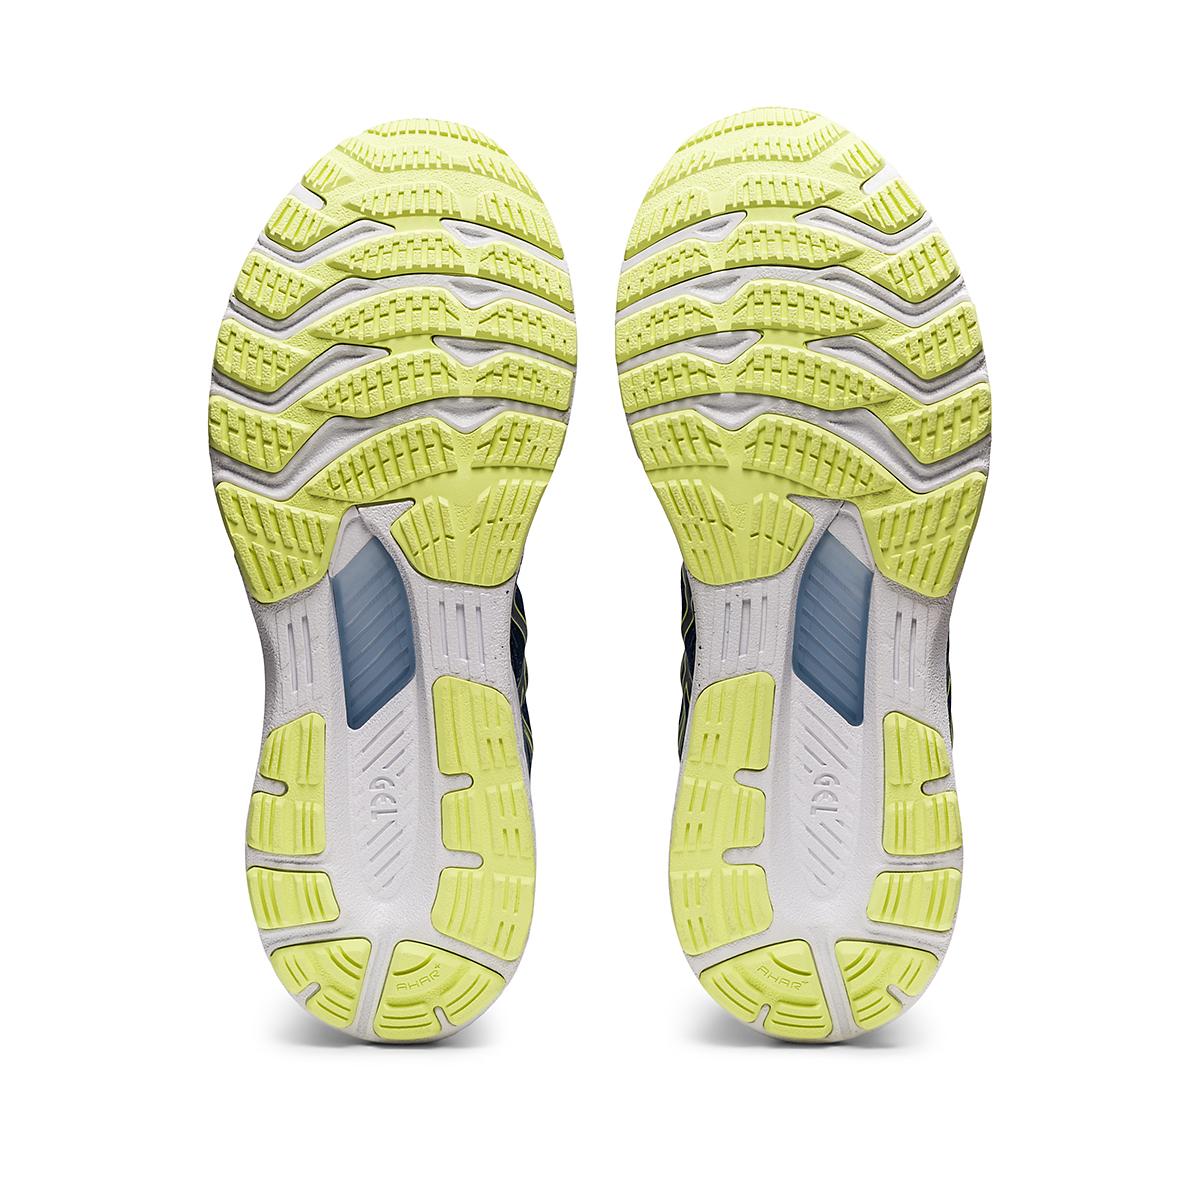 Men's Asics Gel-Kayano 28 Running Shoe - Color: Thunder Blue/Glow Yellow - Size: 7 - Width: Regular, Thunder Blue/Glow Yellow, large, image 6